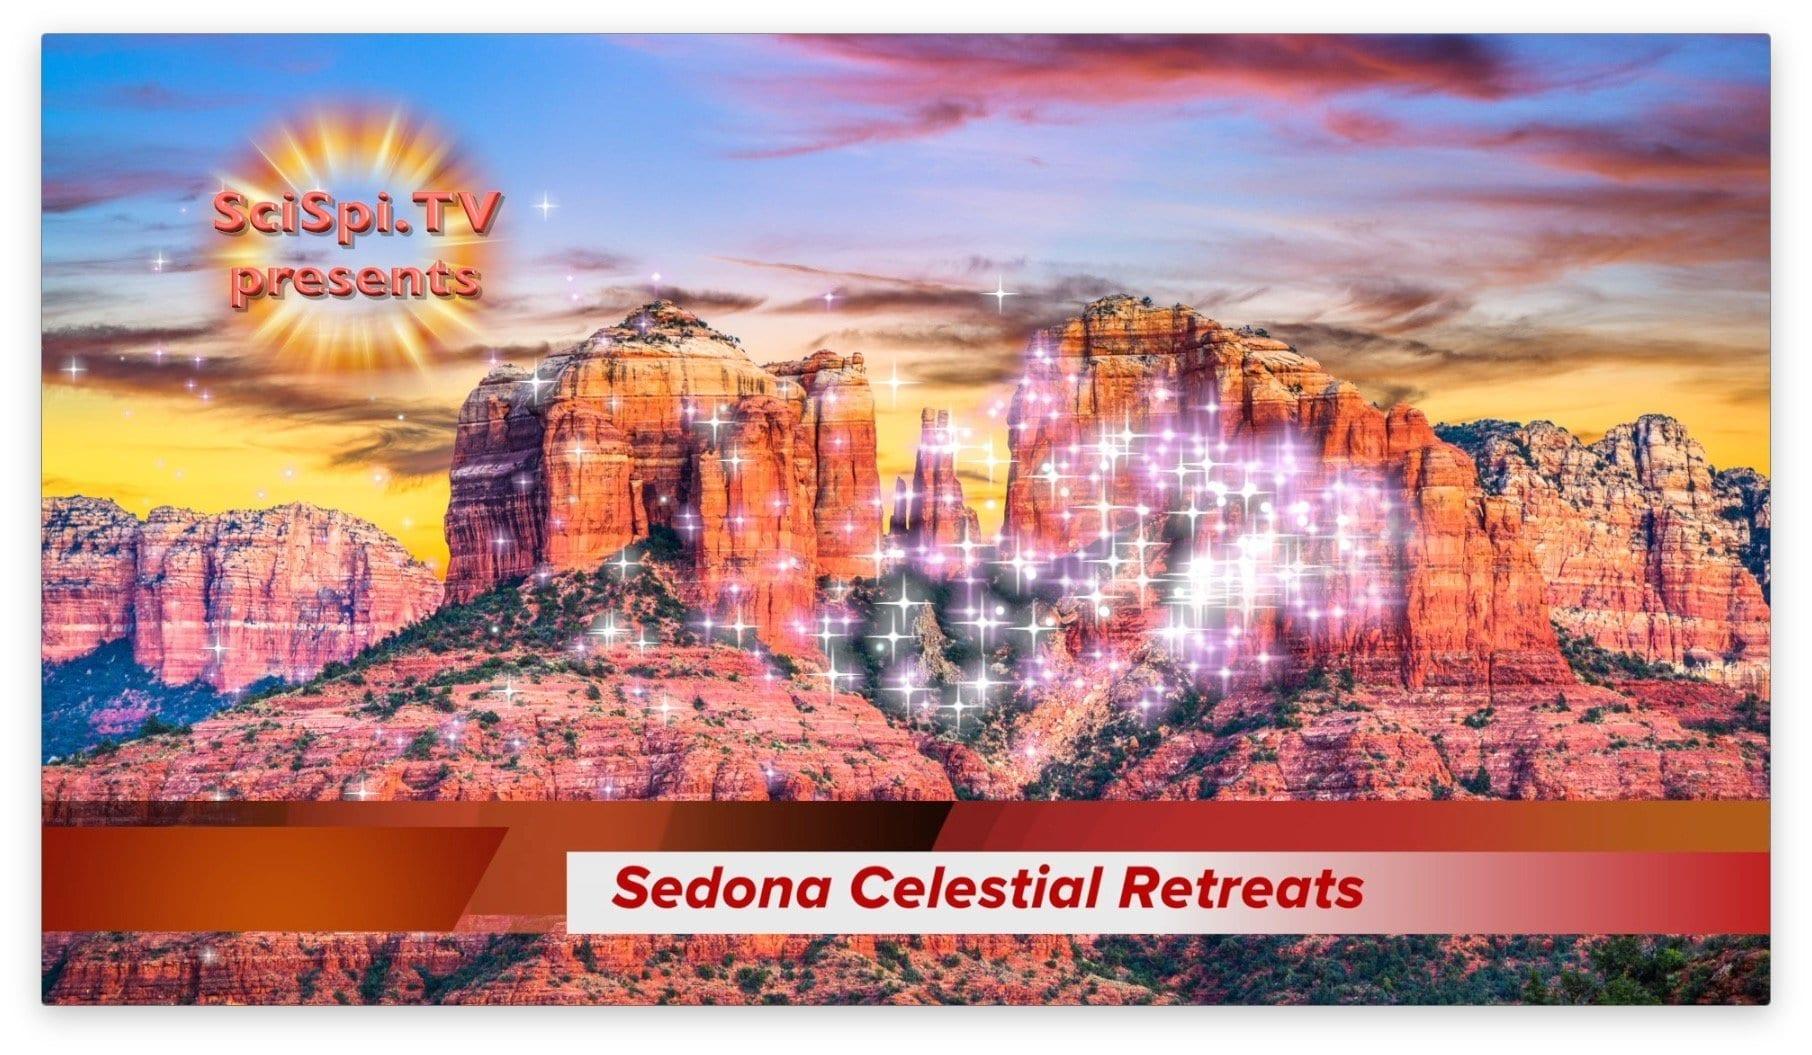 Sedona Celestial retreats LOGO